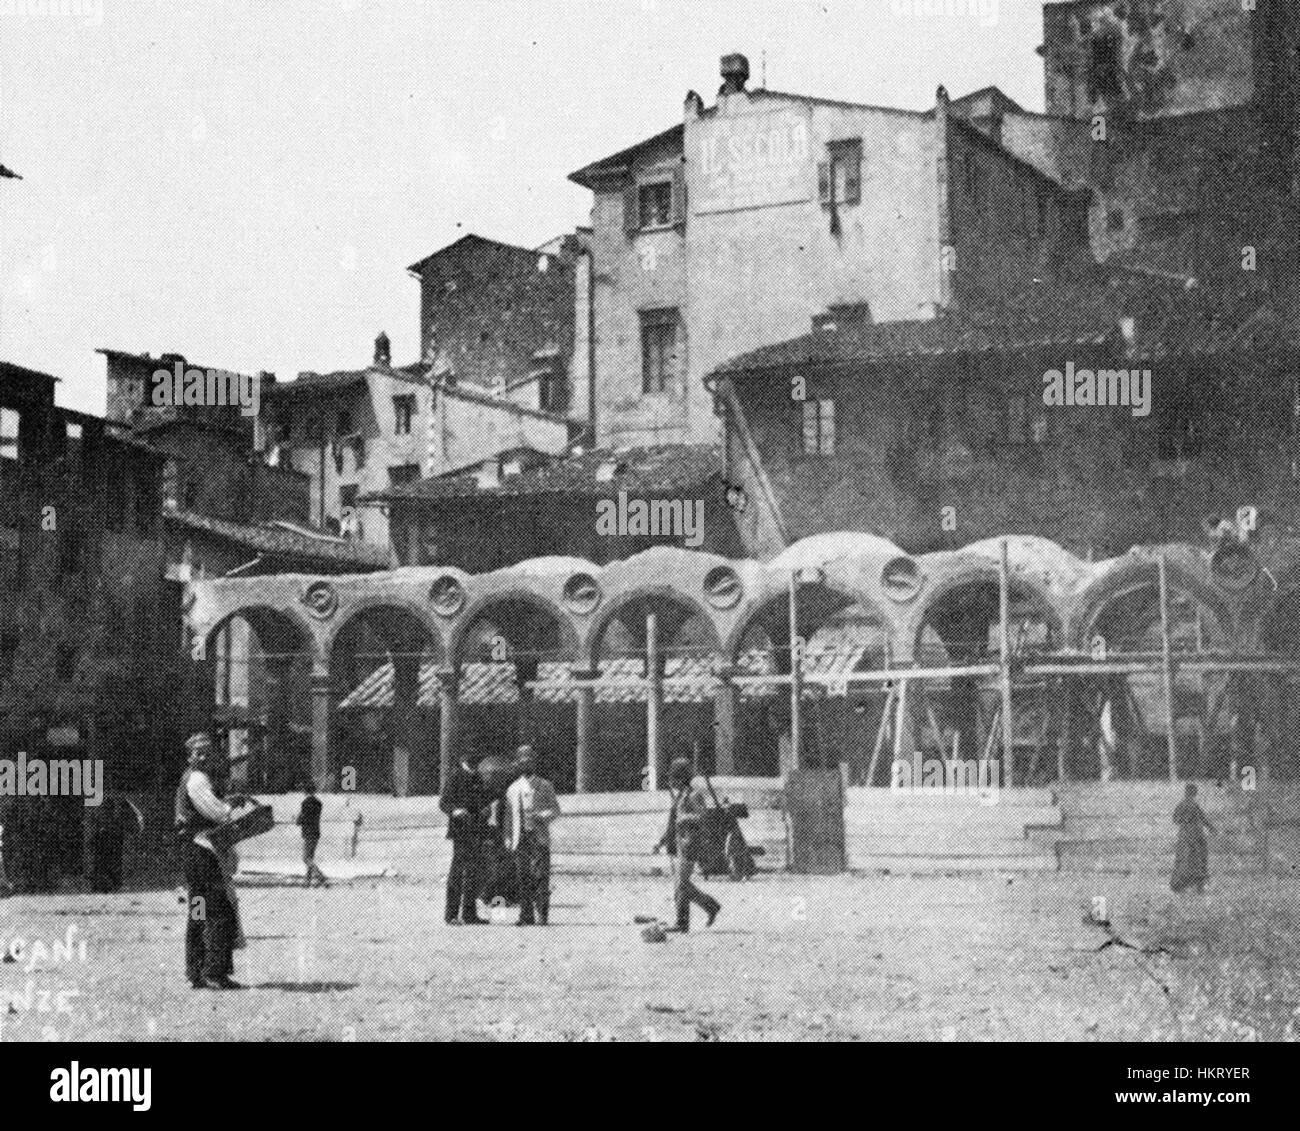 Demolizione della loggia del pesce dal mercato vecchio, 1880s - Stock Image